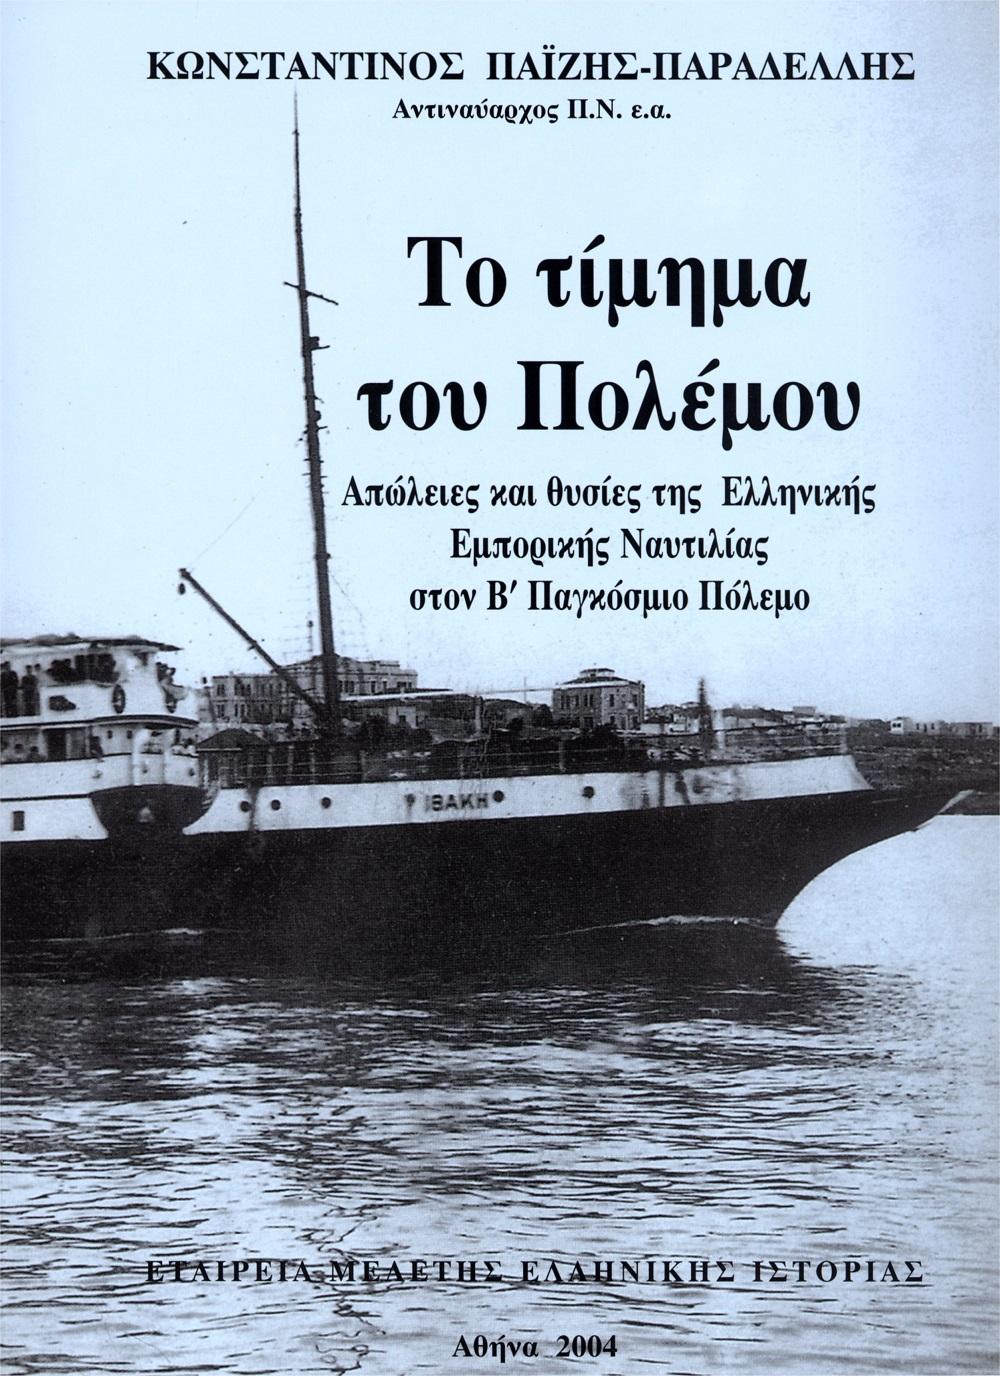 Το τίμημα του πολέμου. Απώλειες και θυσίες της ελληνικής εμπορικής ναυτιλίας κατά τον Β΄ Παγκόσμιο Πόλεμο.